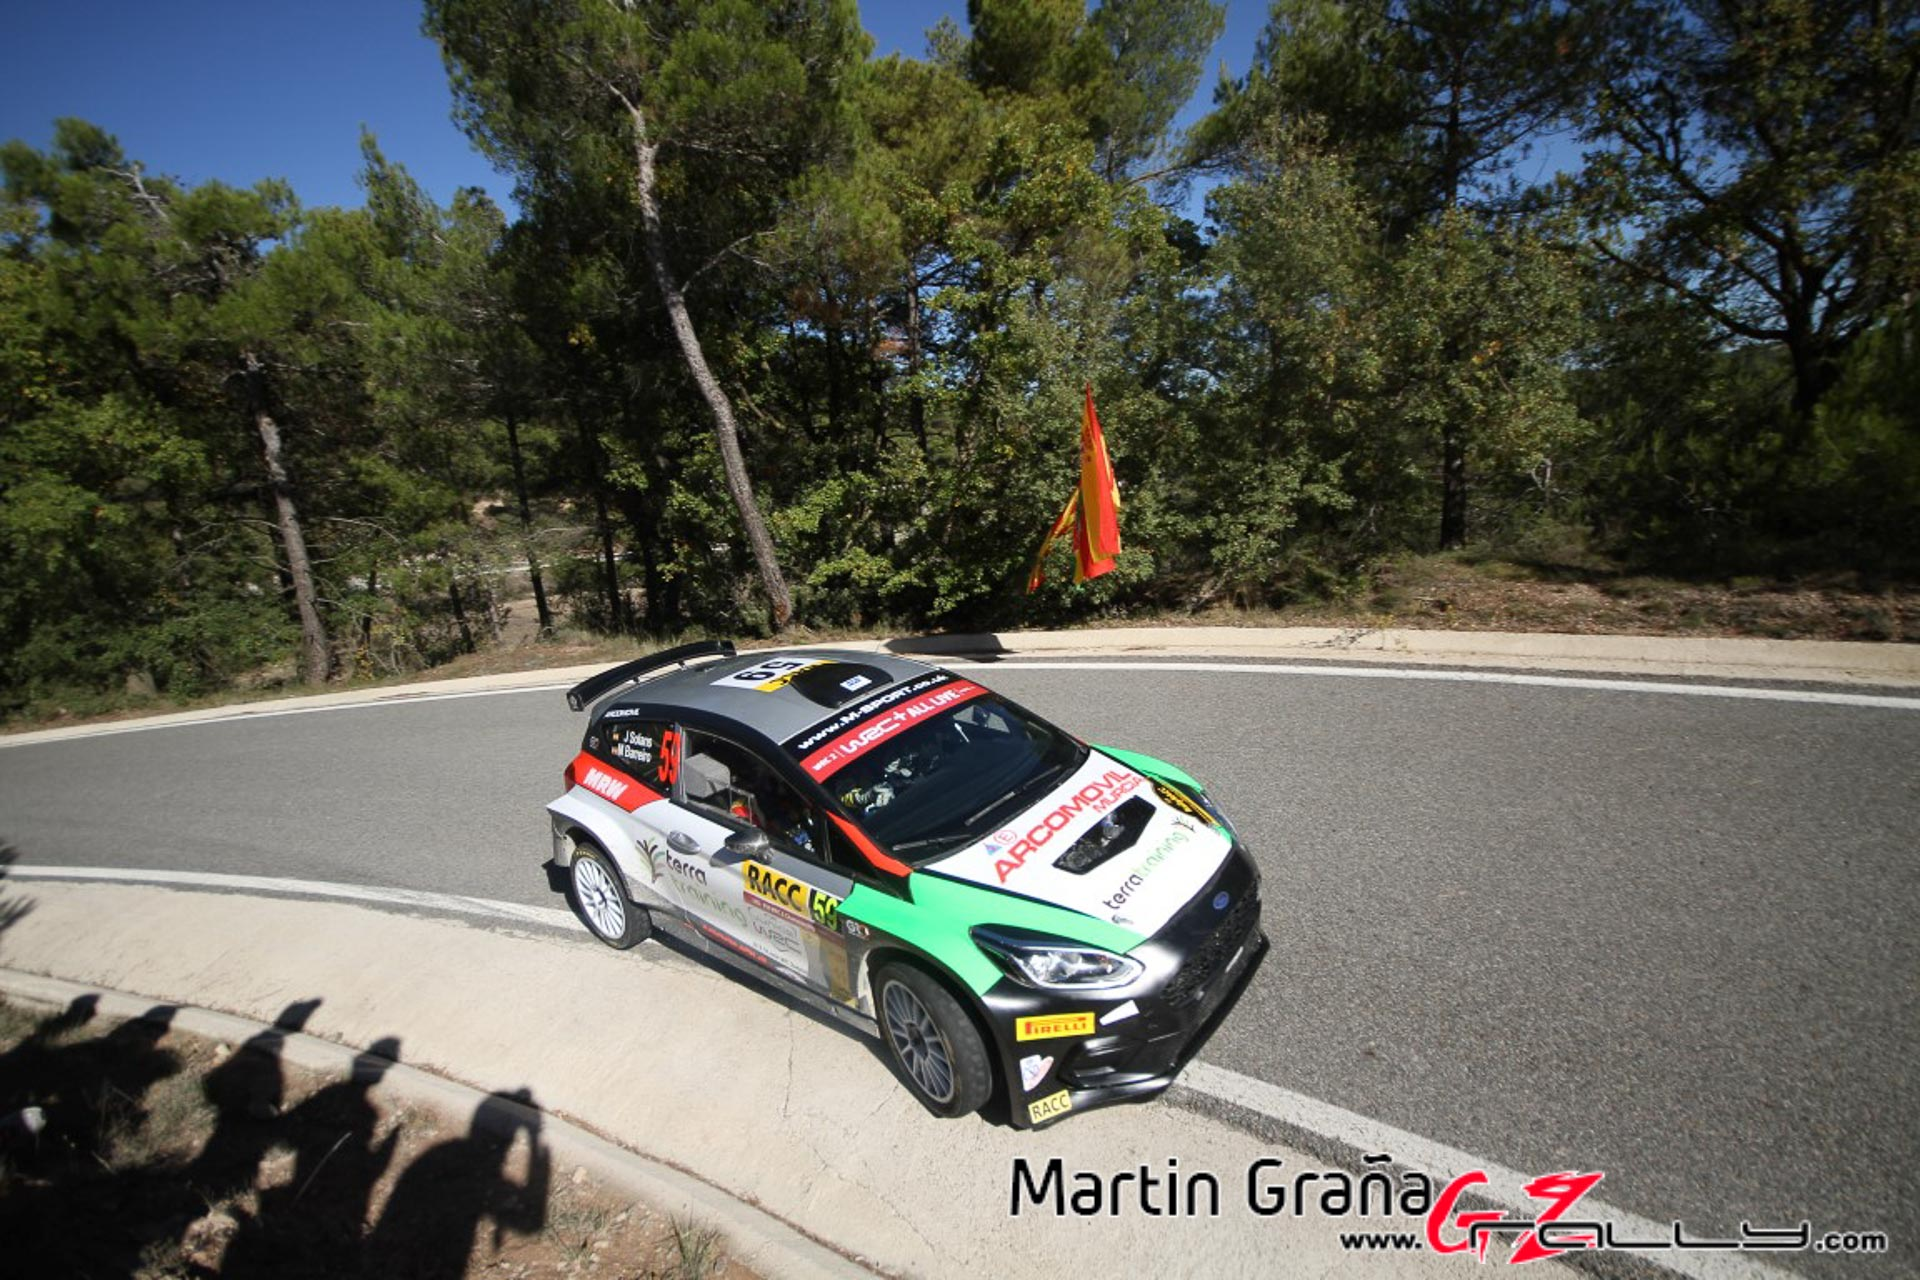 RallyRACC Cataluña 2019 - Martin Graña